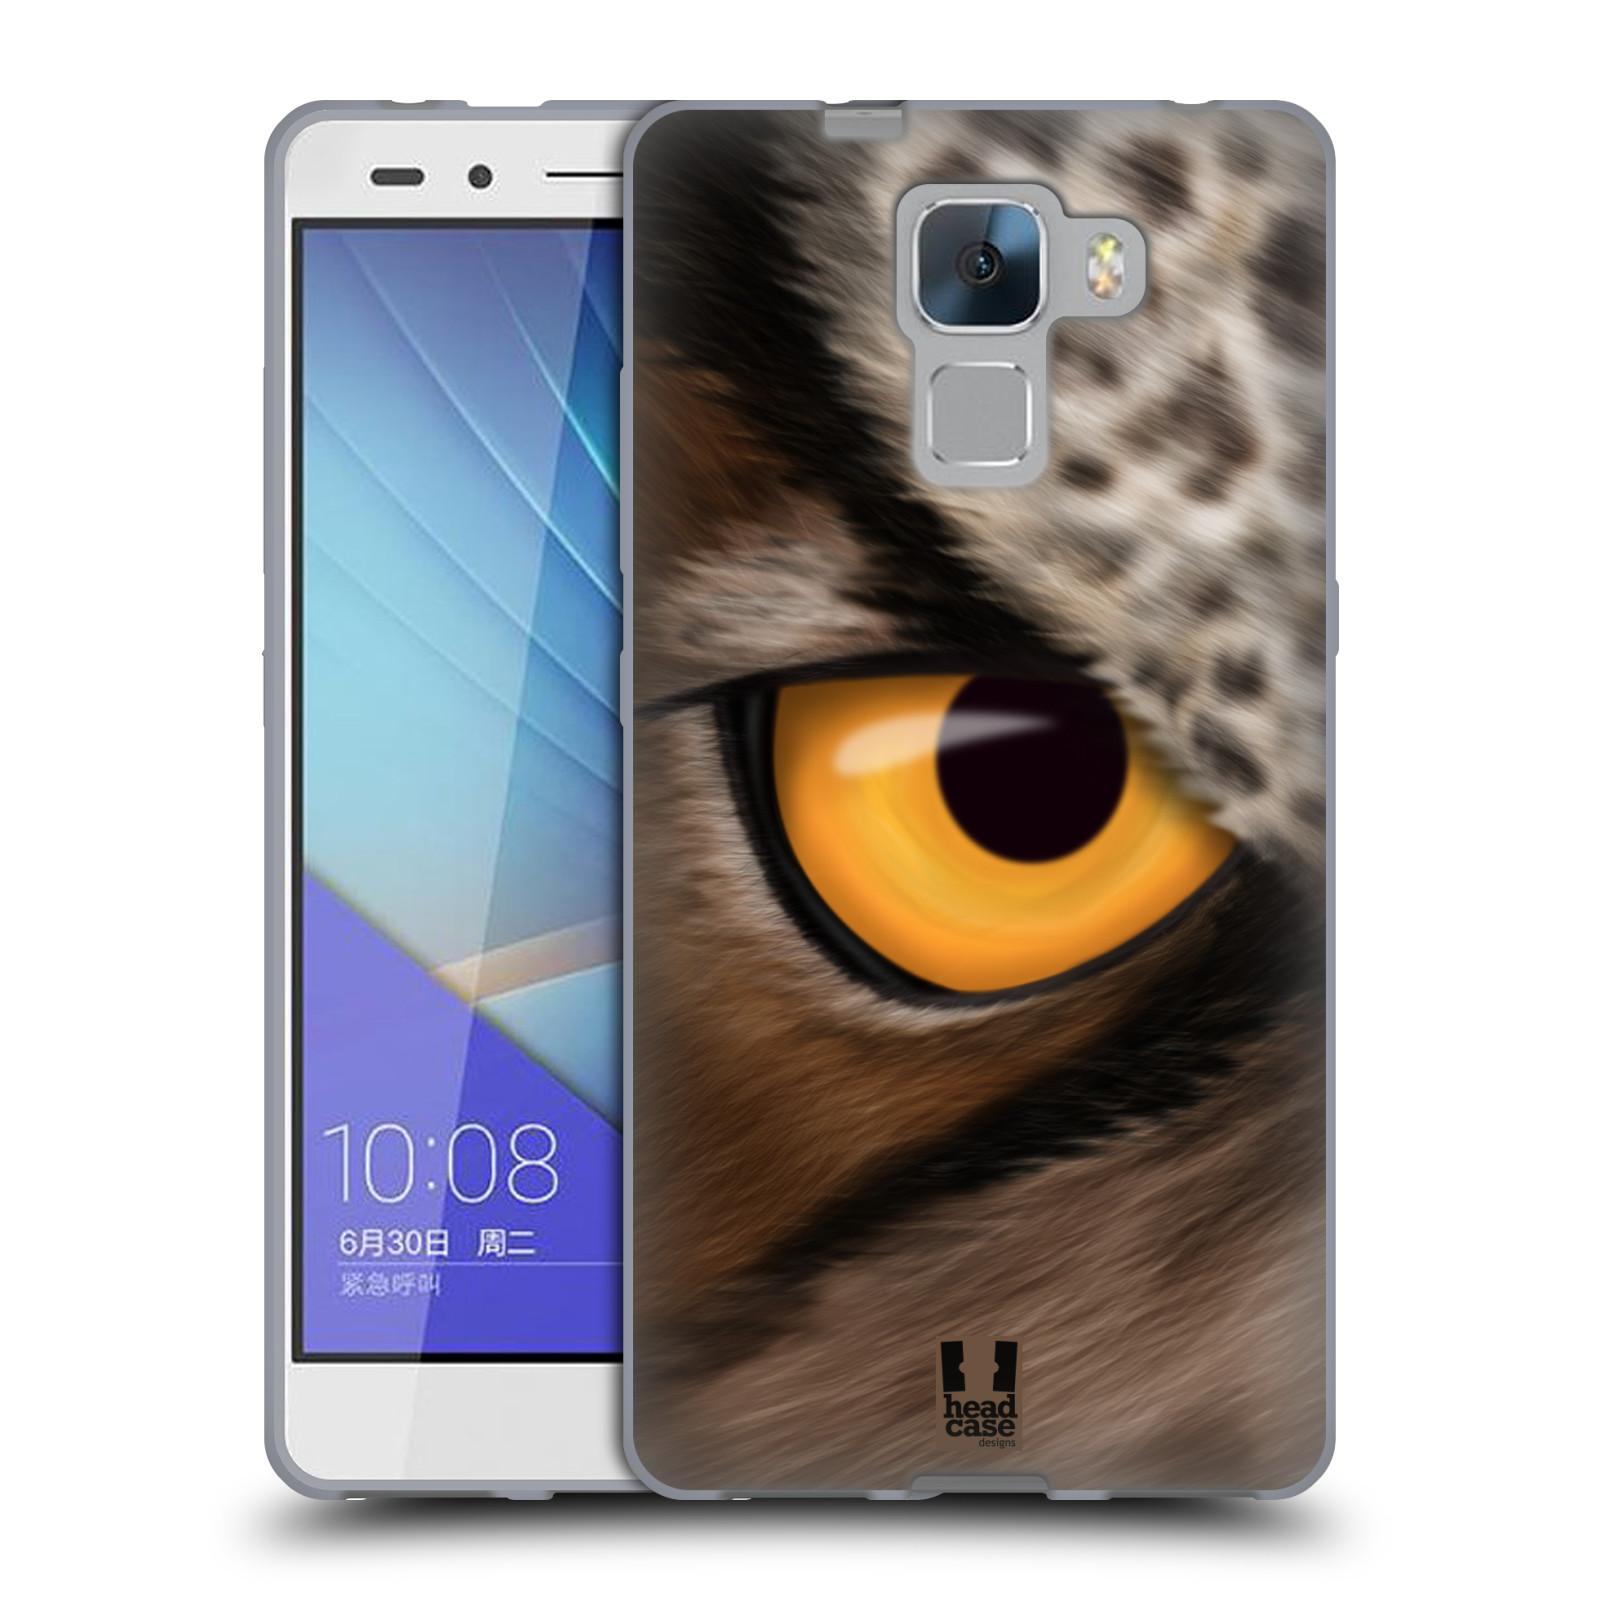 HEAD CASE silikonový obal na mobil HUAWEI HONOR 7 vzor pohled zvířete oko sova